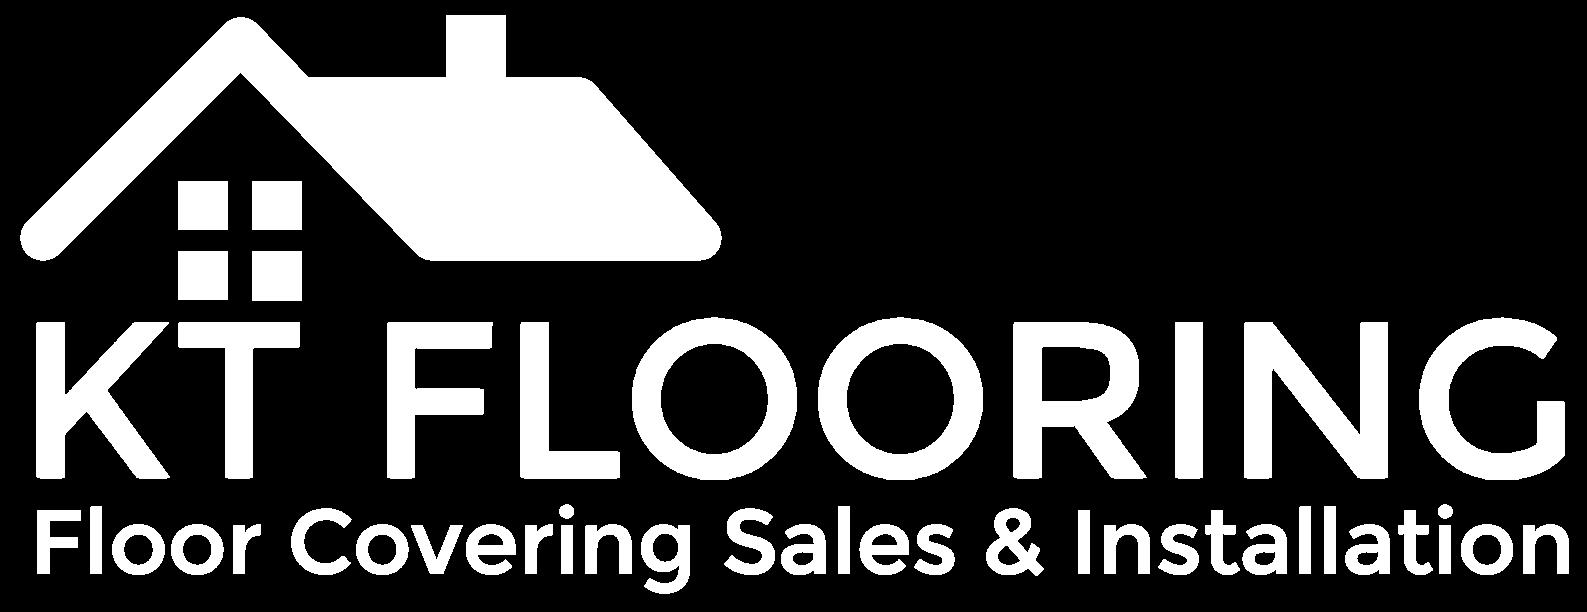 KT FLOORING-logo-white.png